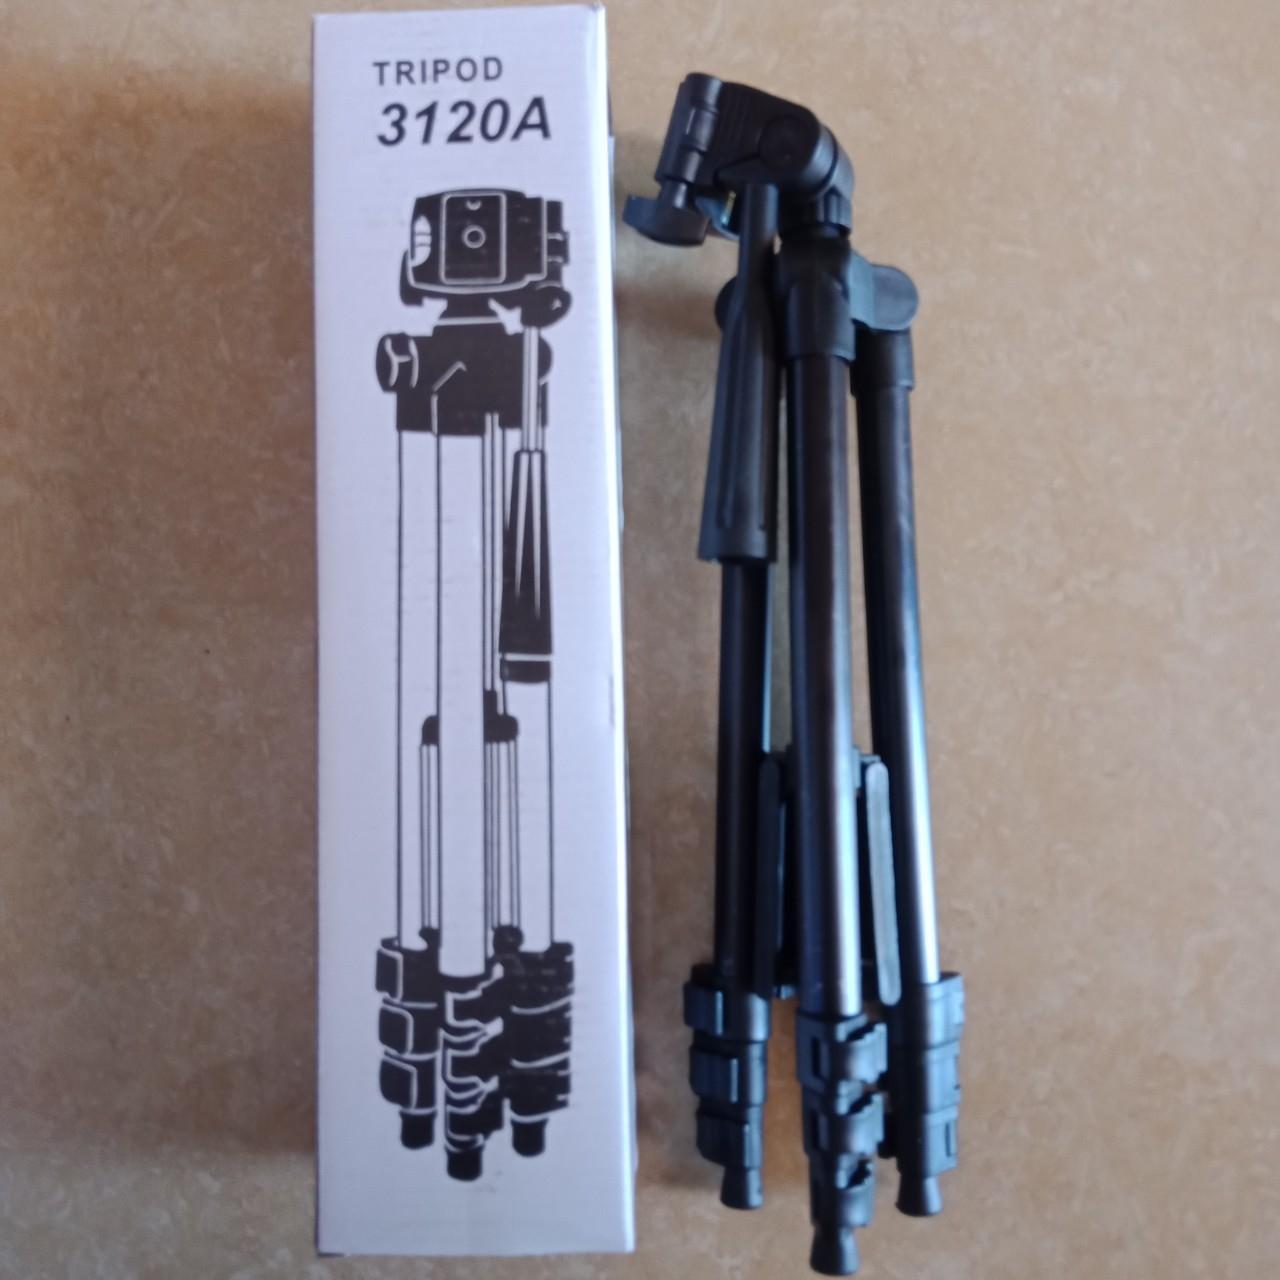 Giá đỡ Tripod 3120A Màu đen Sắt Chắc Chắn Hỗ Trợ Chụp Hình Live Stream Có Giá Siêu Tốt